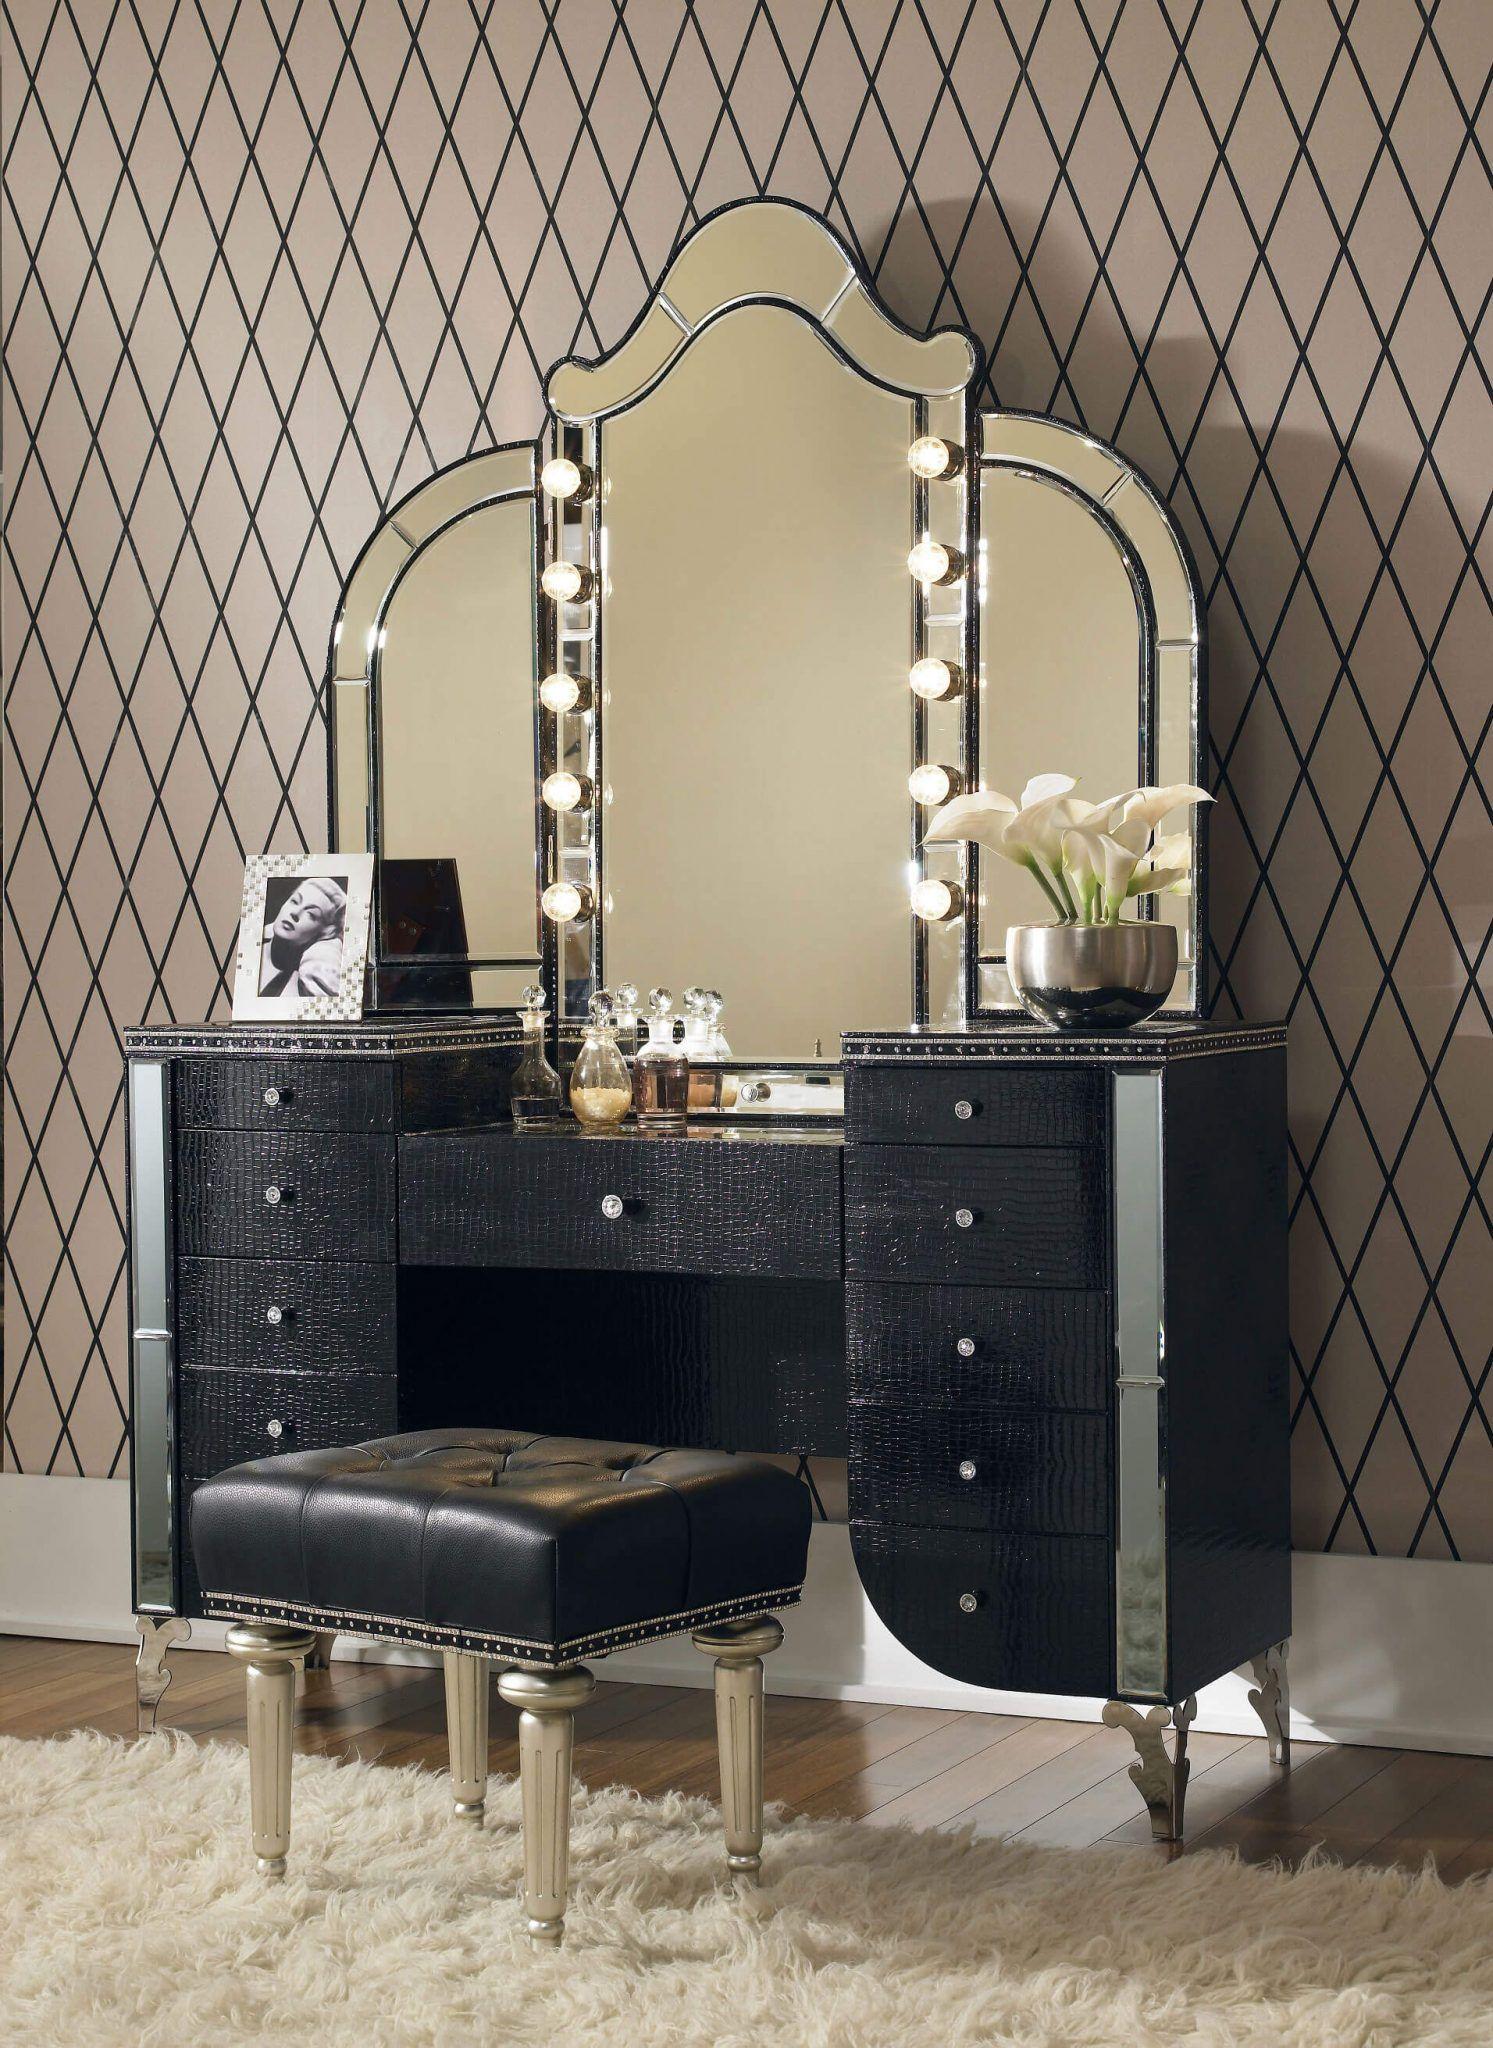 25 DIY Vanity Mirror Ideas with Lights | DIY & Craft ...